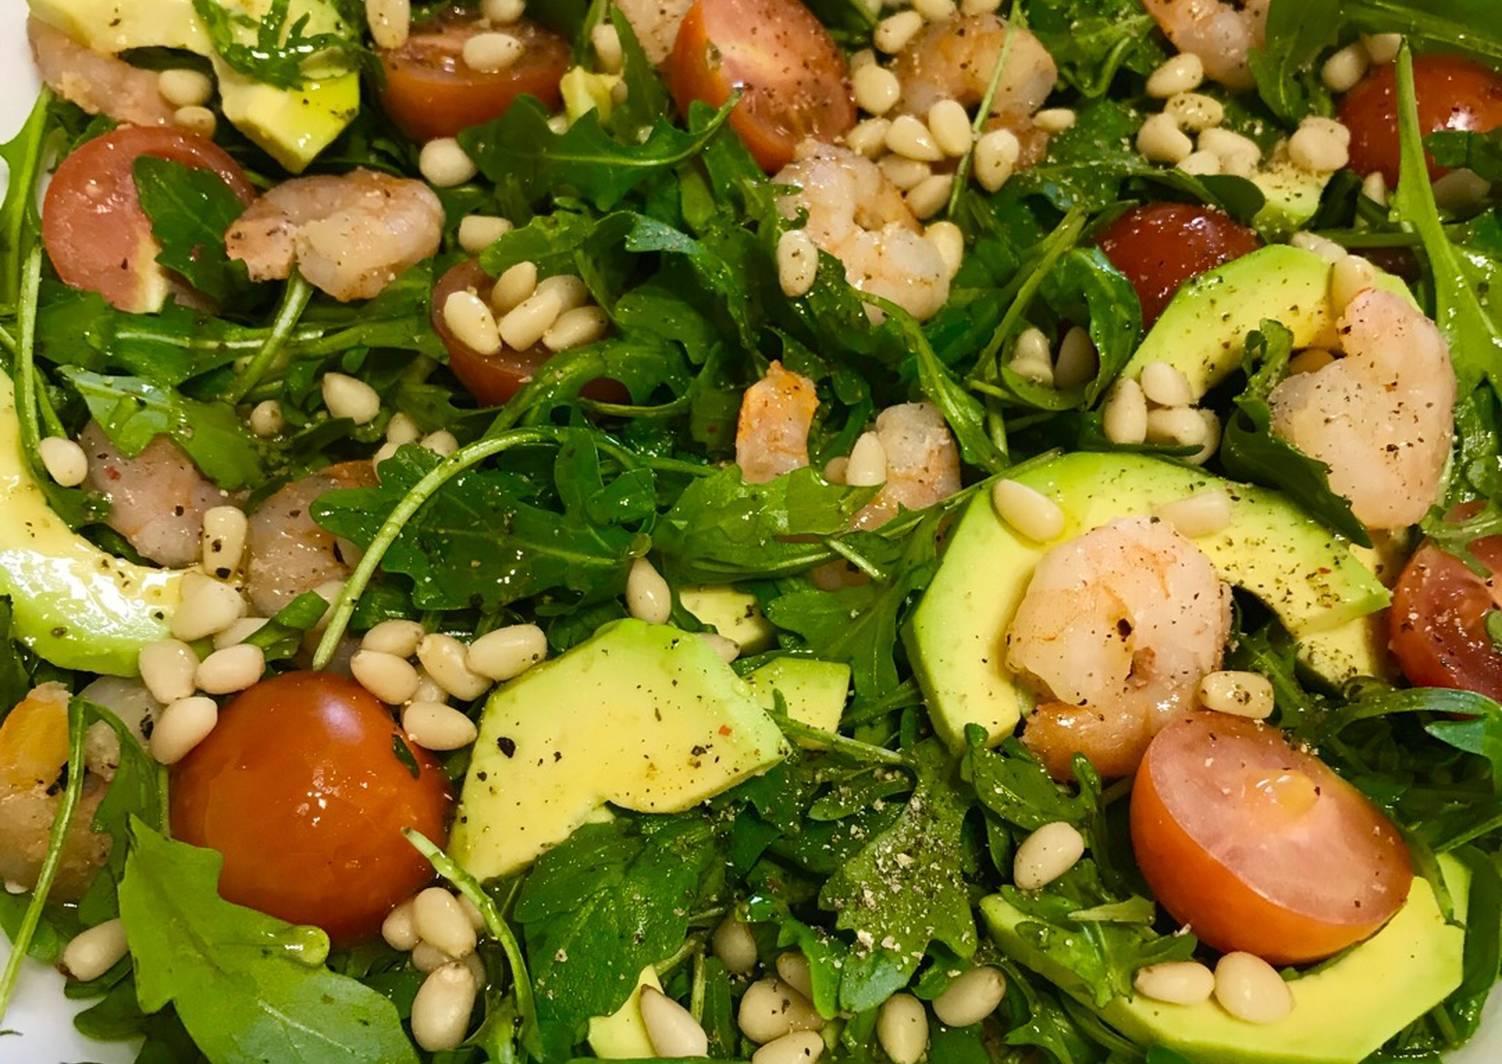 Салат из авокадо и рукколы – кулинарный рецепт